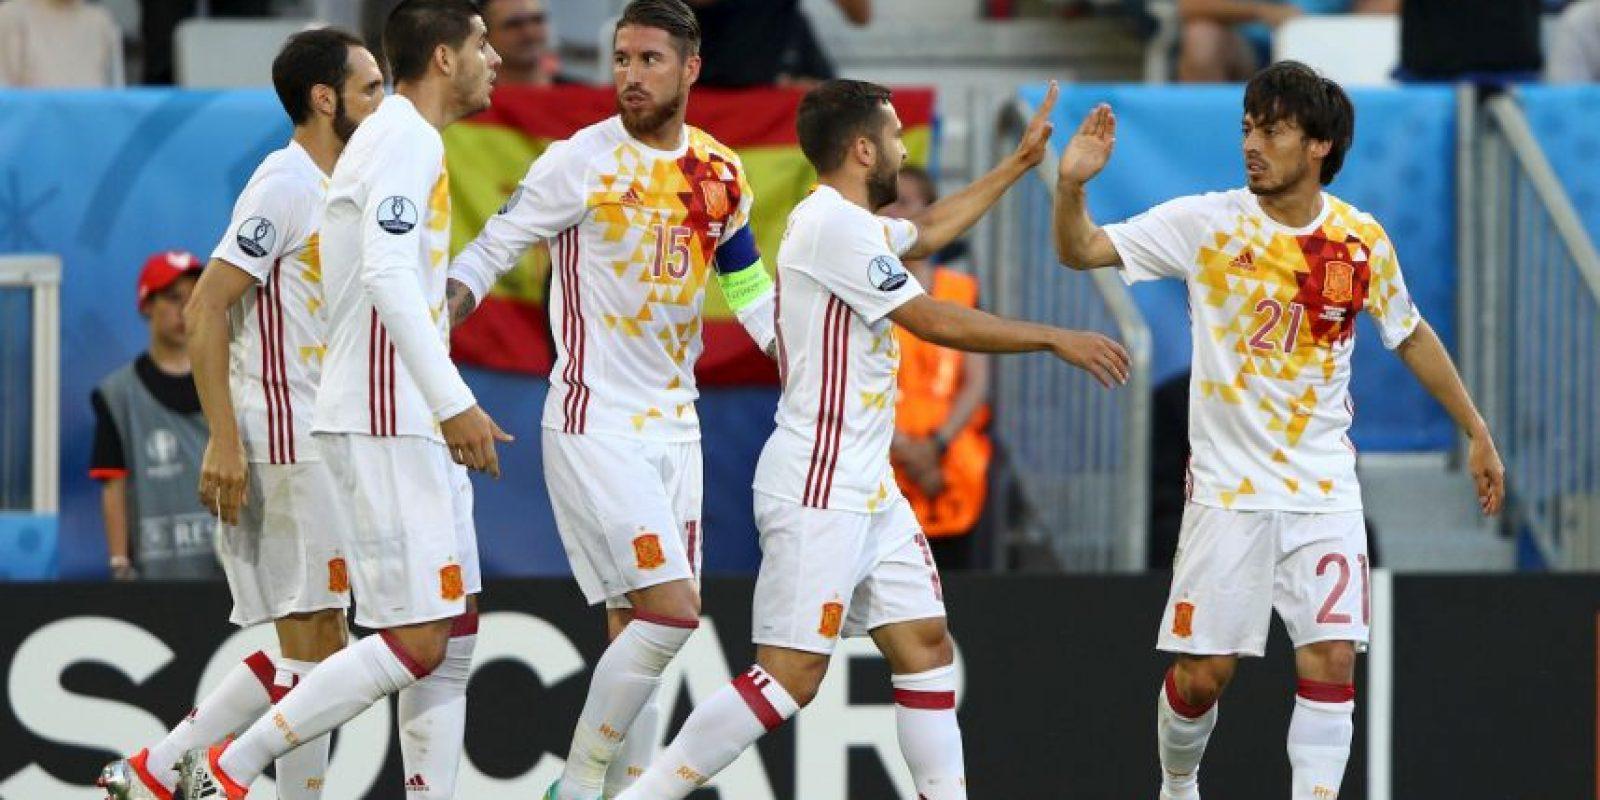 España, en tanto, no pudo vencer su zona y por eso quedó emparejada con los italianos, a quienes le ganaron la final de la Eurocopa 2012 Foto:Getty Images